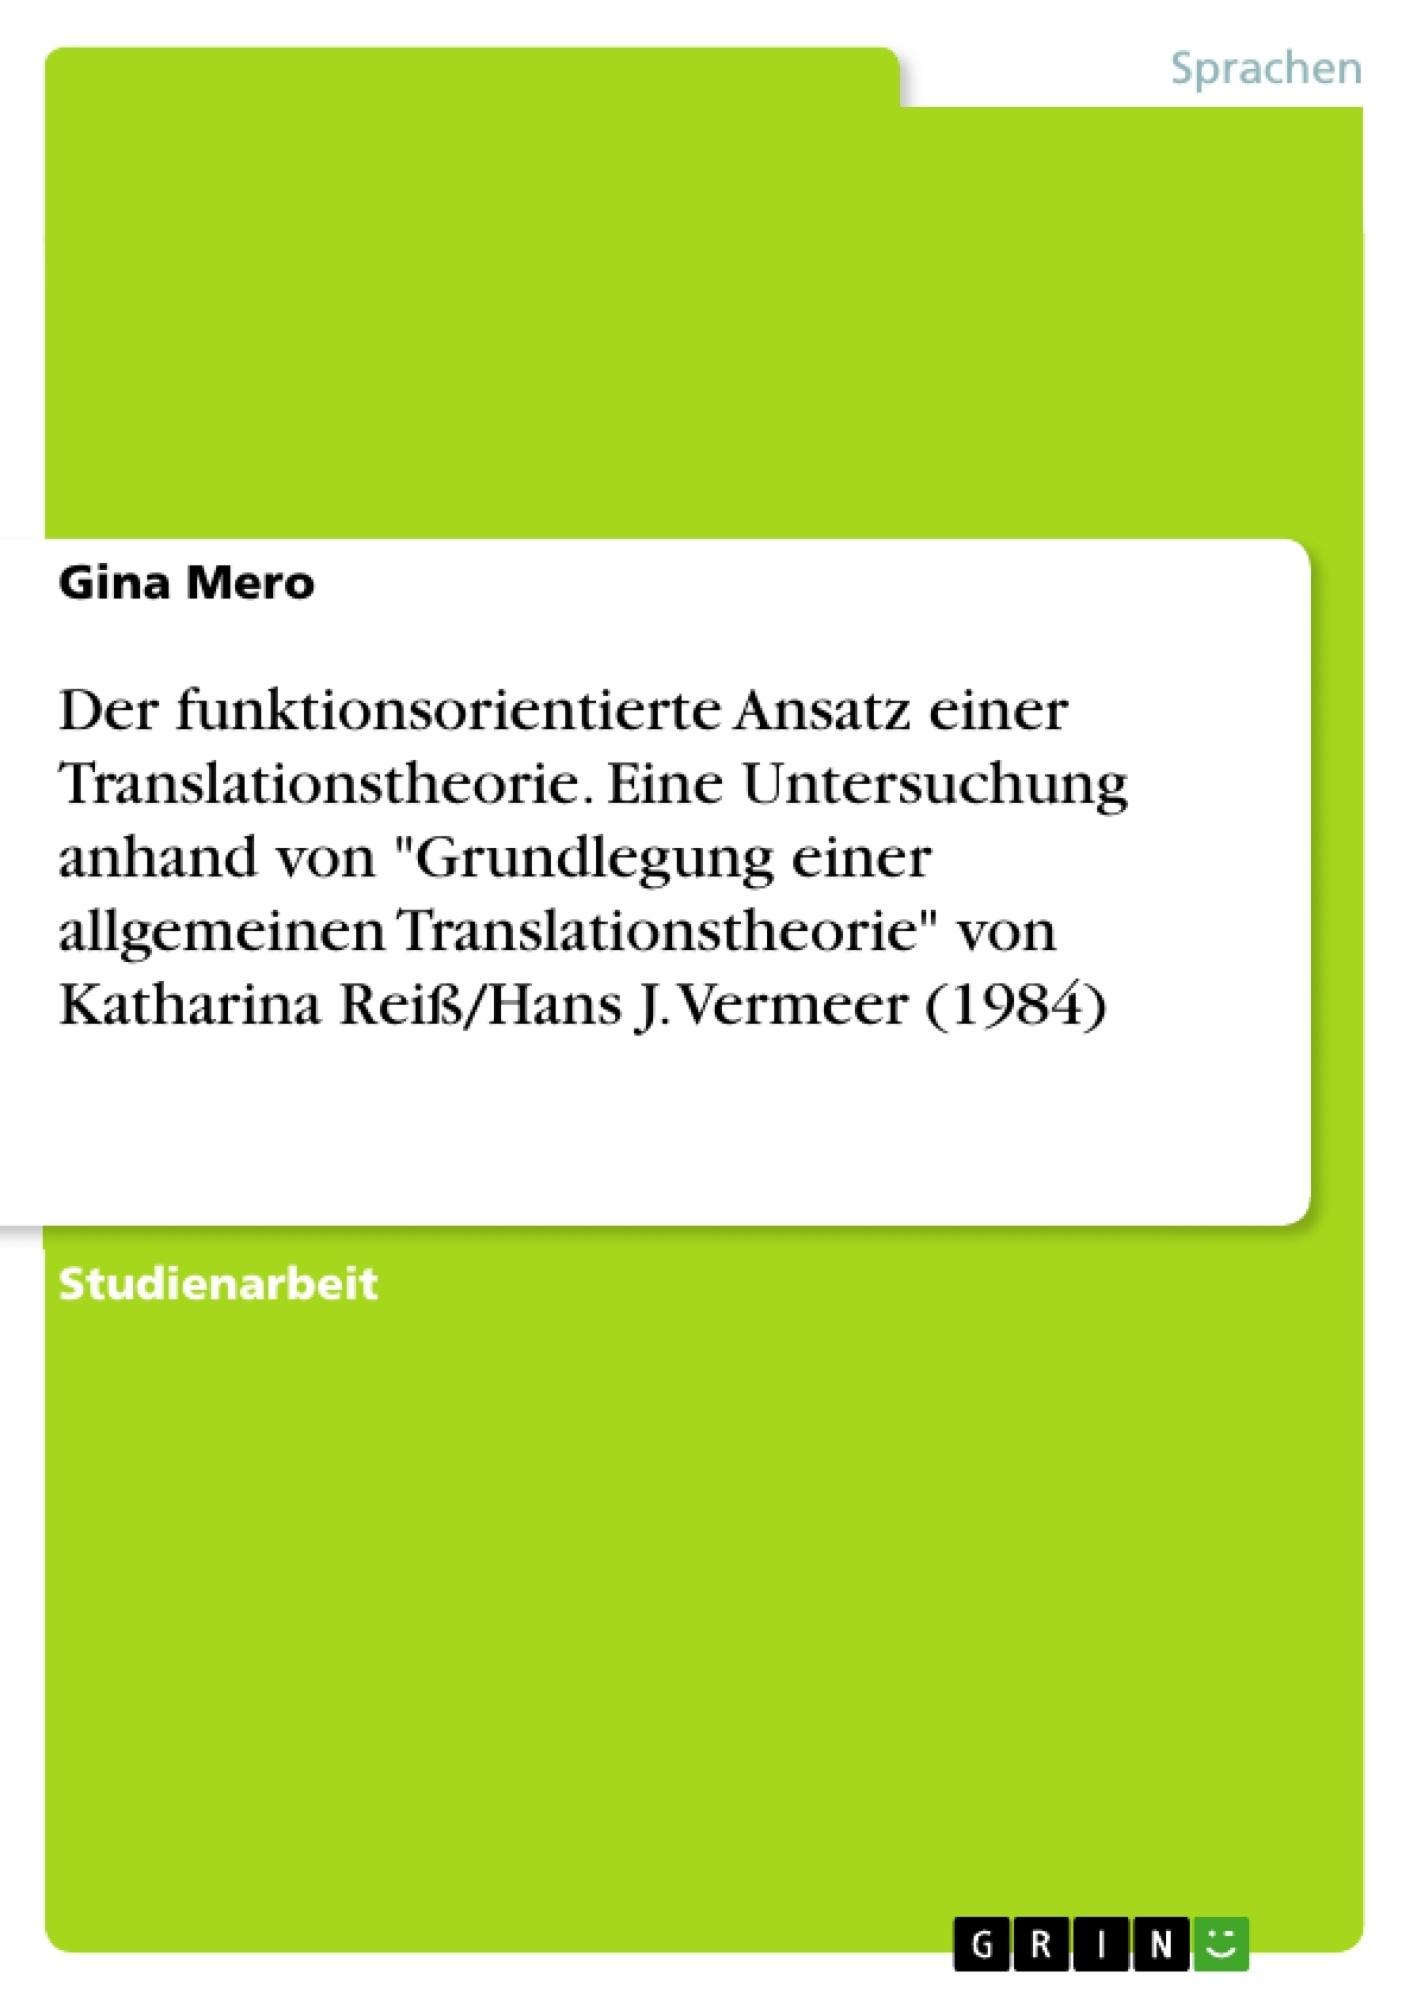 """Titel: Der funktionsorientierte Ansatz einer Translationstheorie. Eine Untersuchung anhand von """"Grundlegung einer allgemeinen Translationstheorie""""  von Katharina Reiß/Hans J. Vermeer (1984)"""